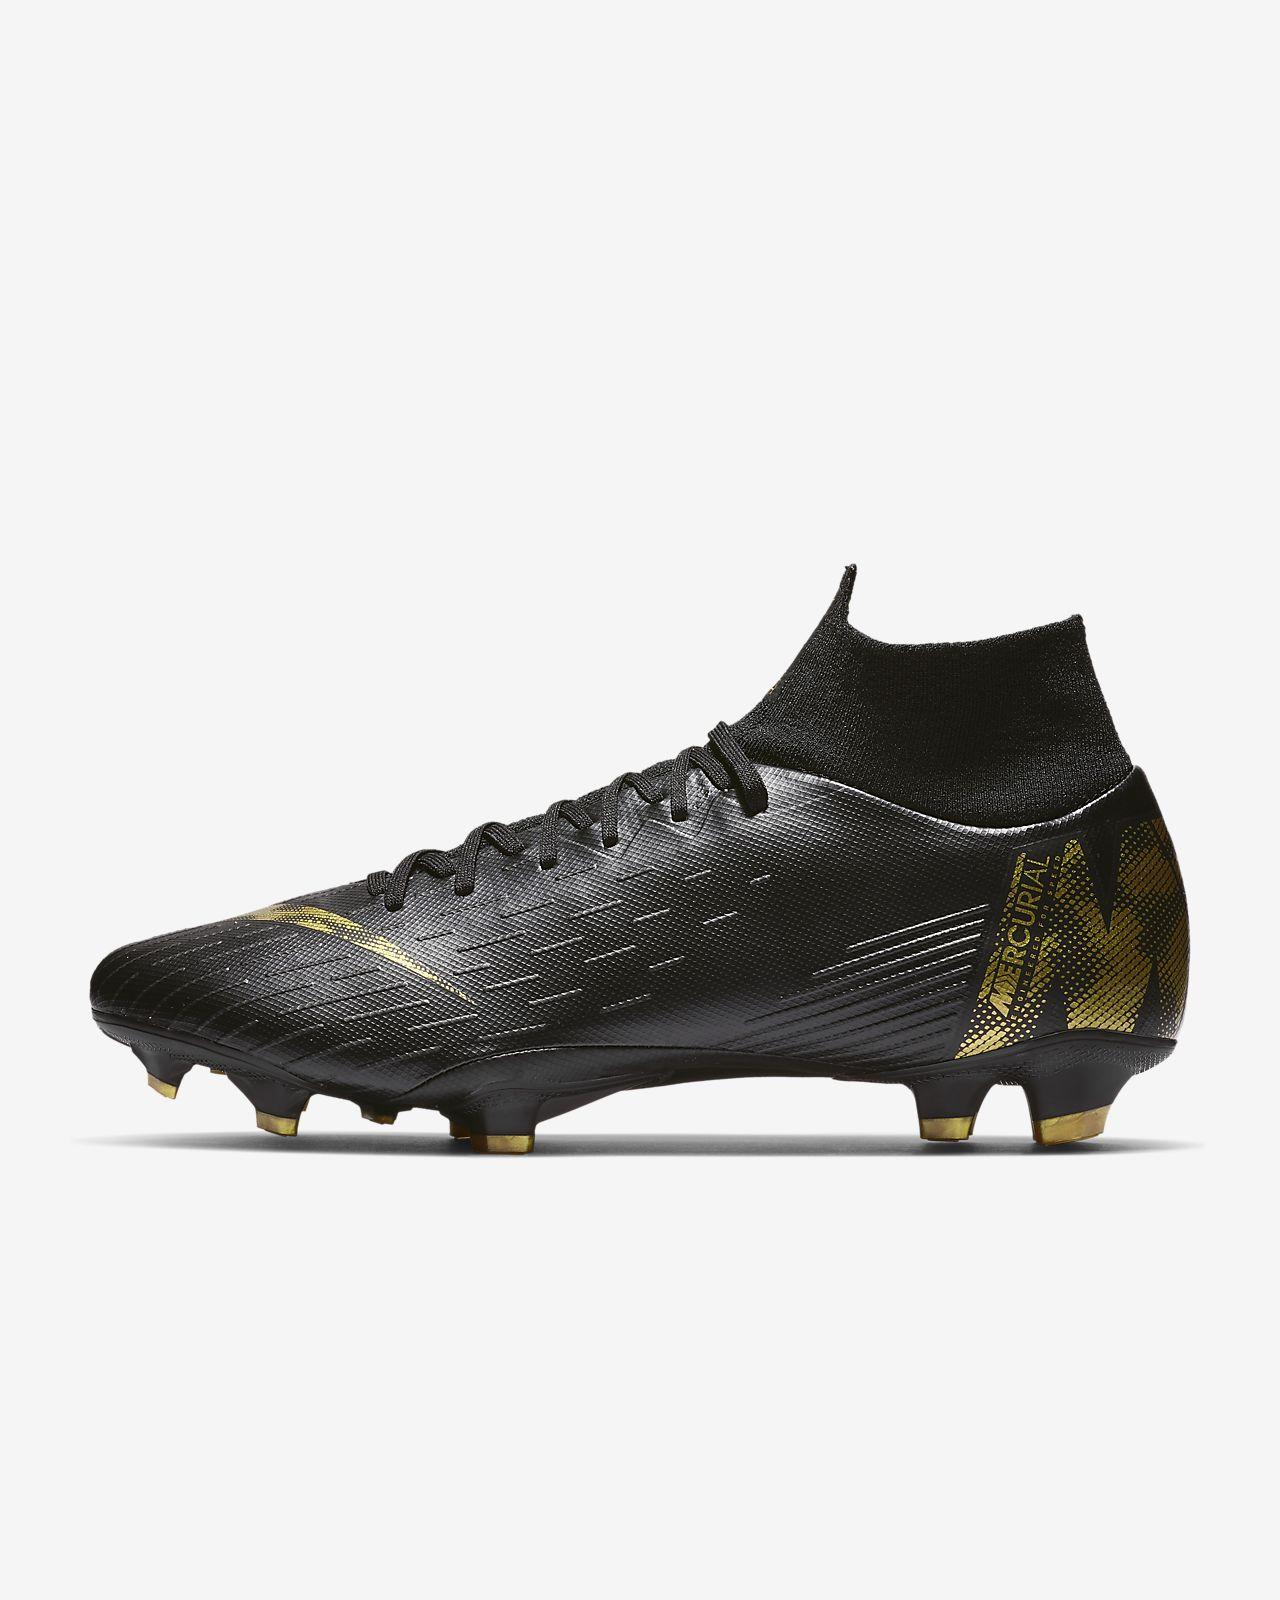 Nike Superfly 6 Pro FG Fußballschuh für normalen Rasen